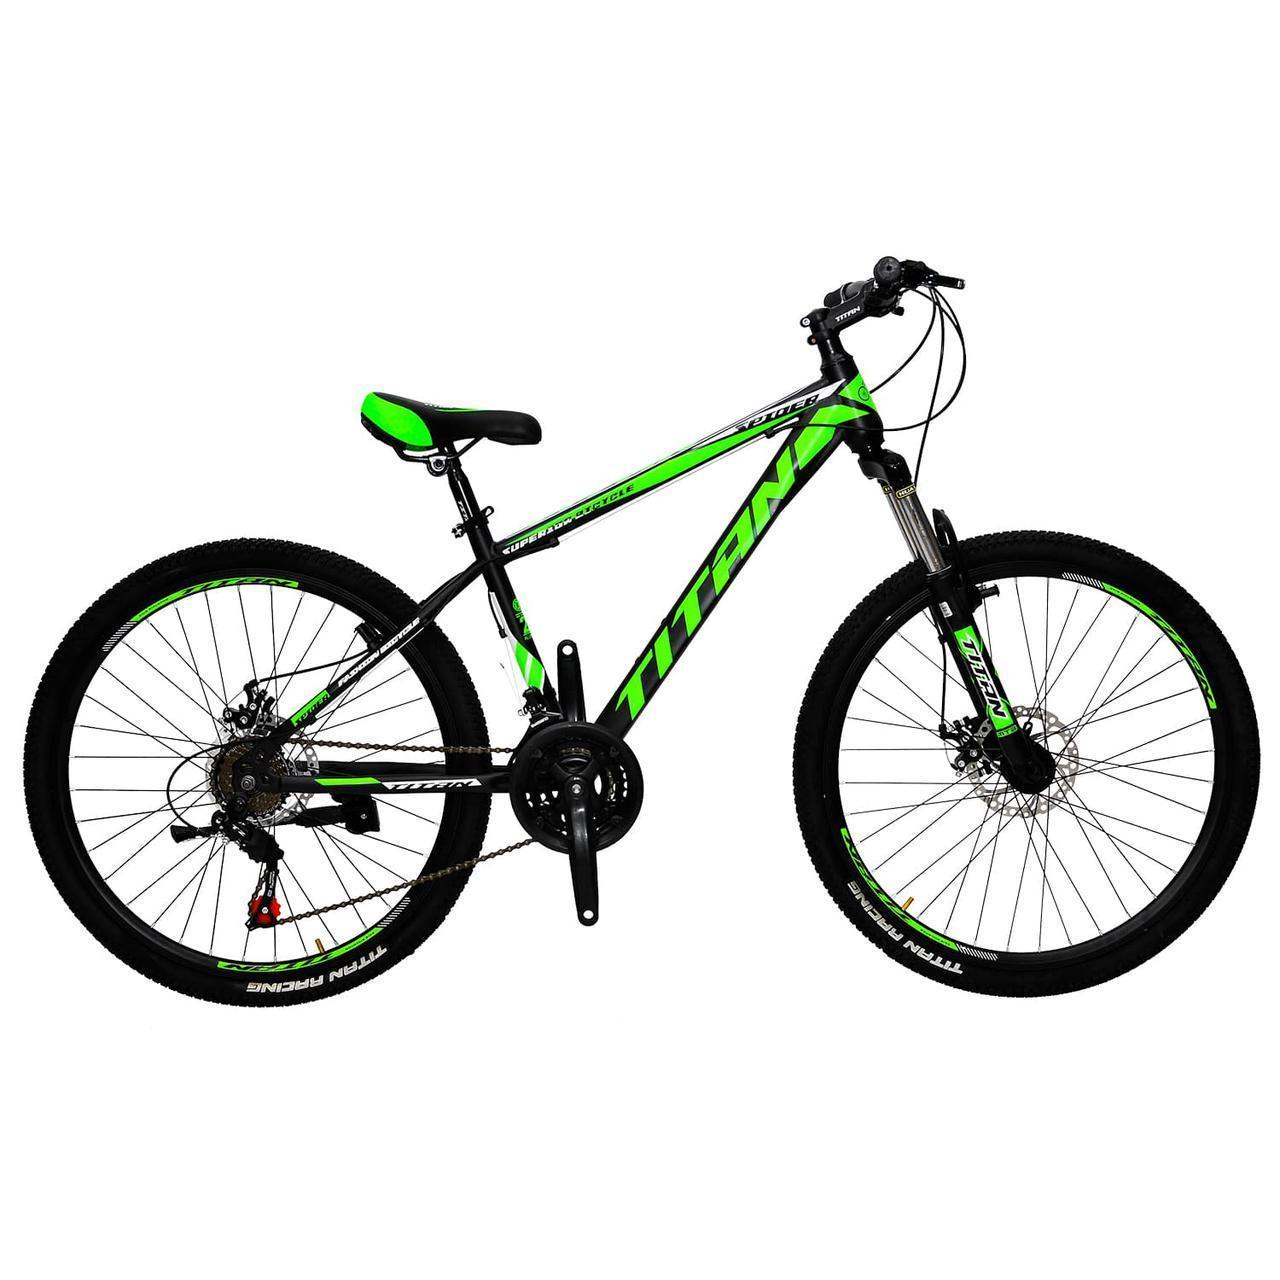 🚲Горный стальной дисковый велосипед TITAN SPIDER DD (Shimano, моноблок); рама 15; колеса 26